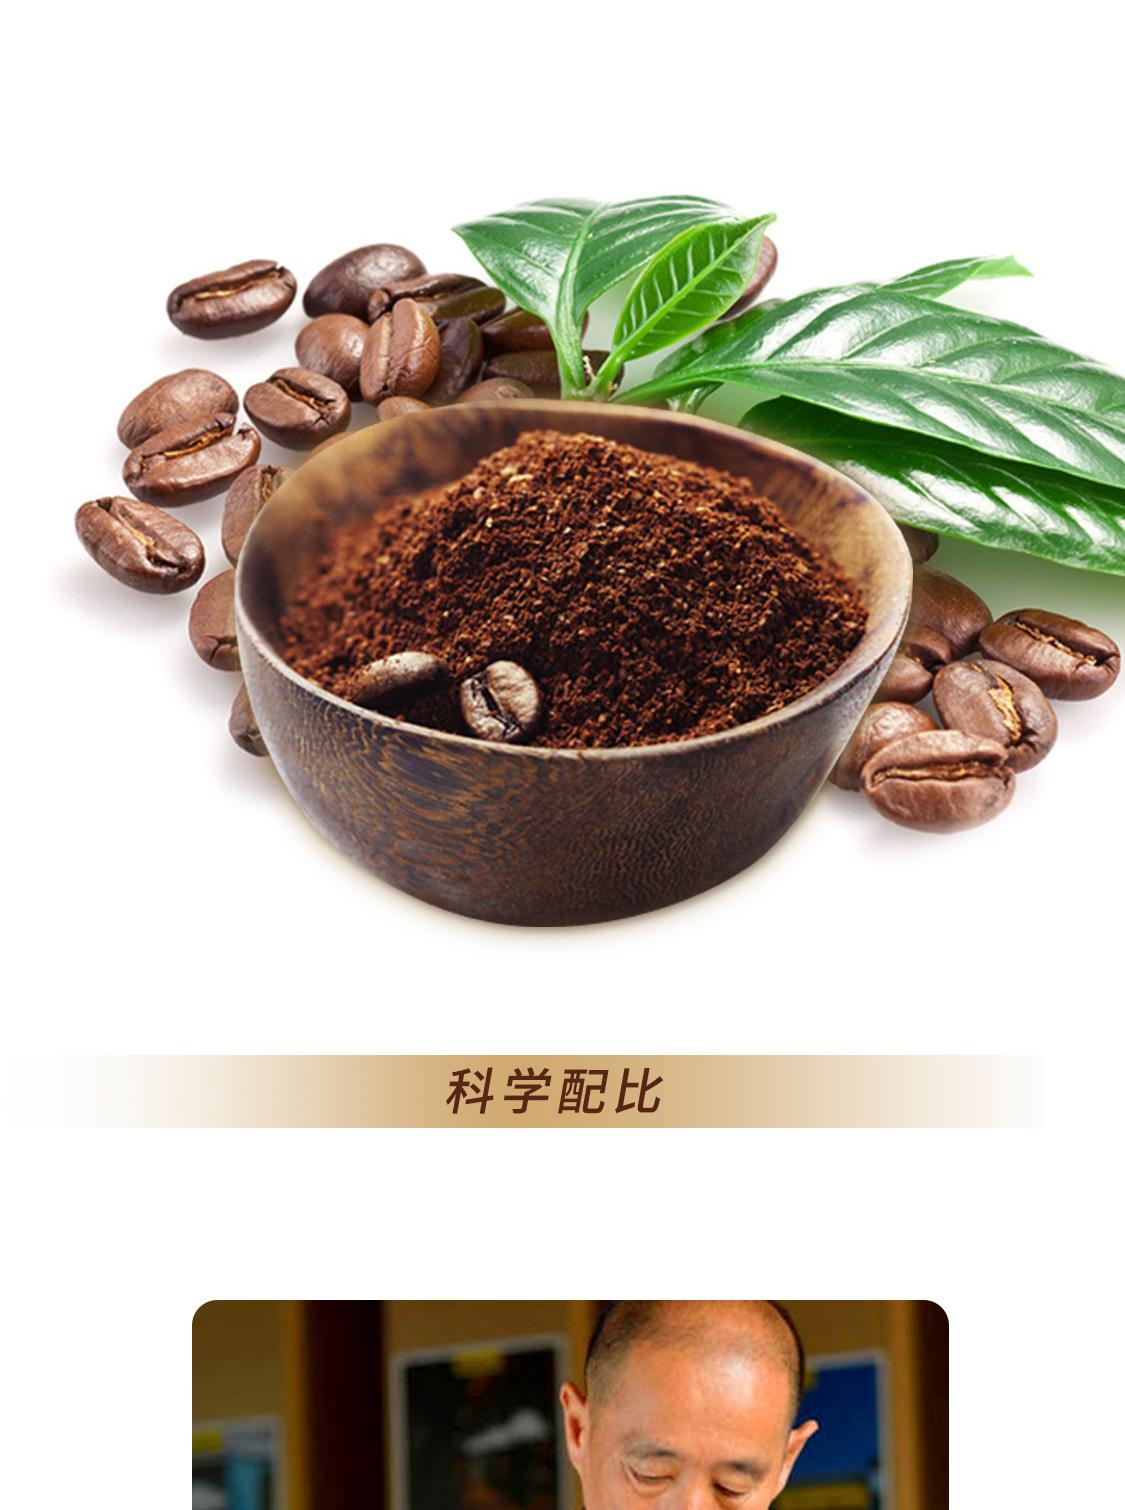 原味速溶咖啡大盒装_10.jpg